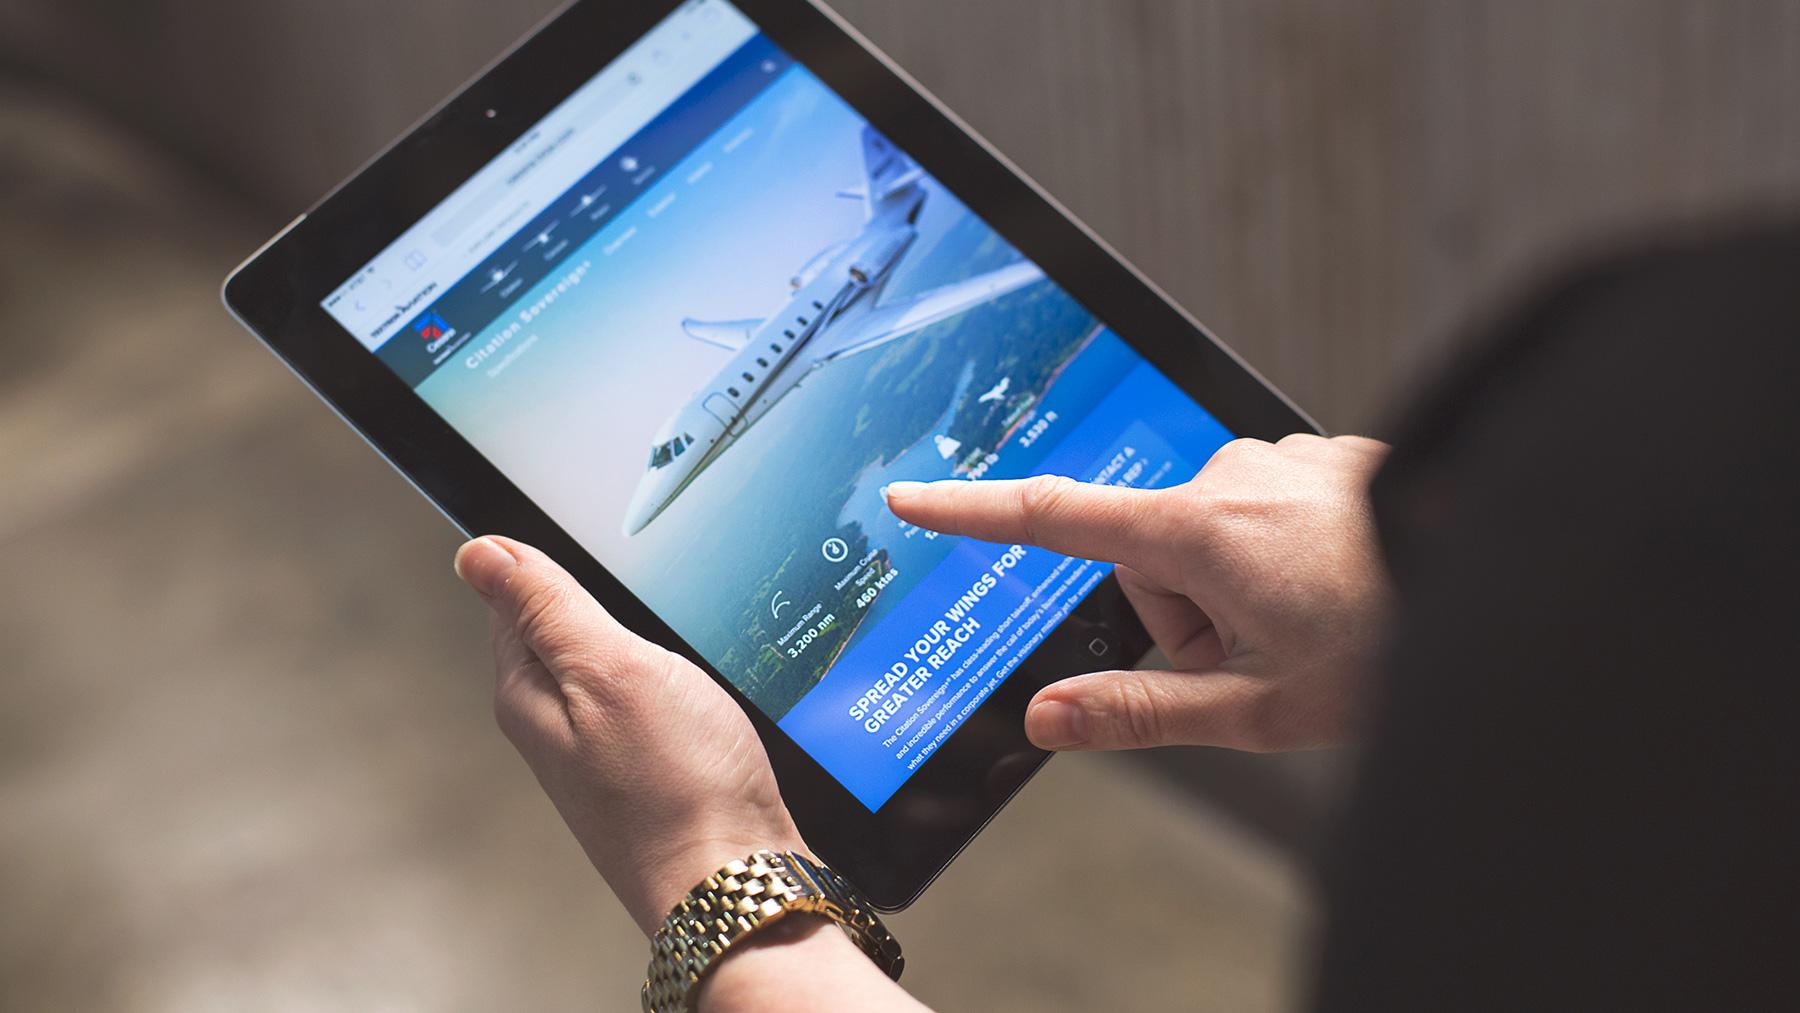 Aviation website on tablet